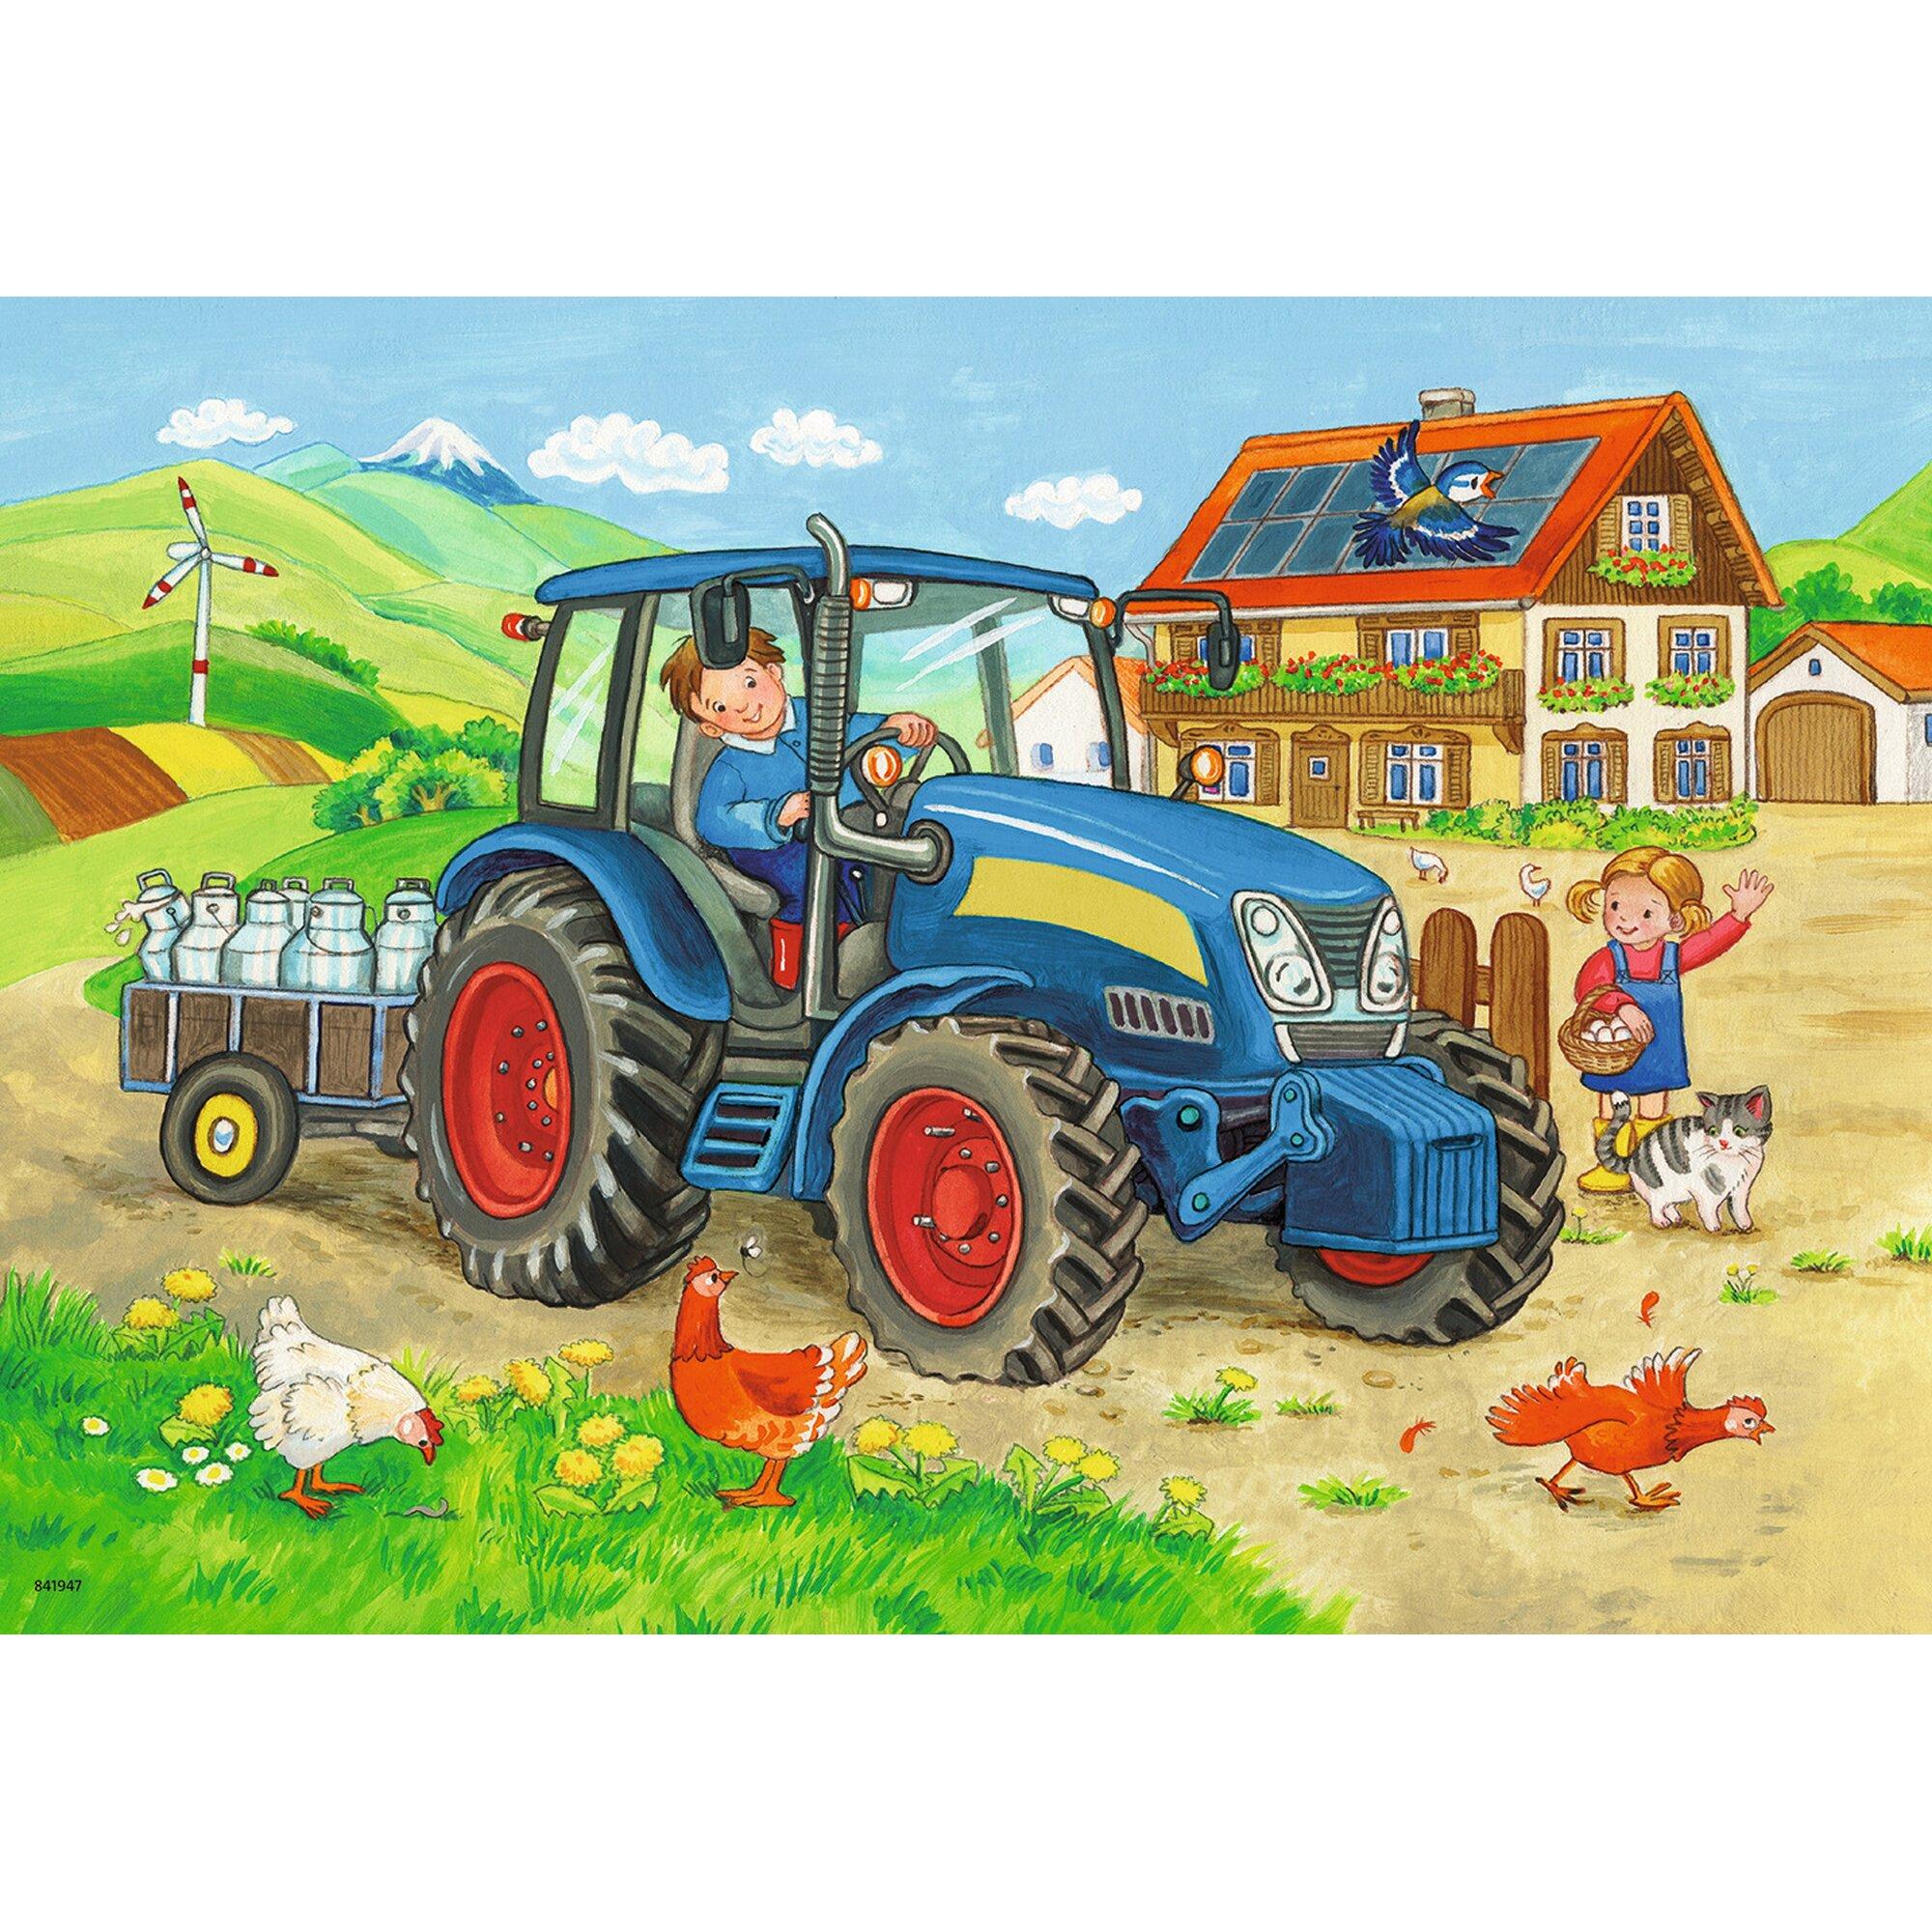 ravensburger-zwei-kinderpuzzles-inkl-mini-postern-12-teile-baustelle-und-bauernhof